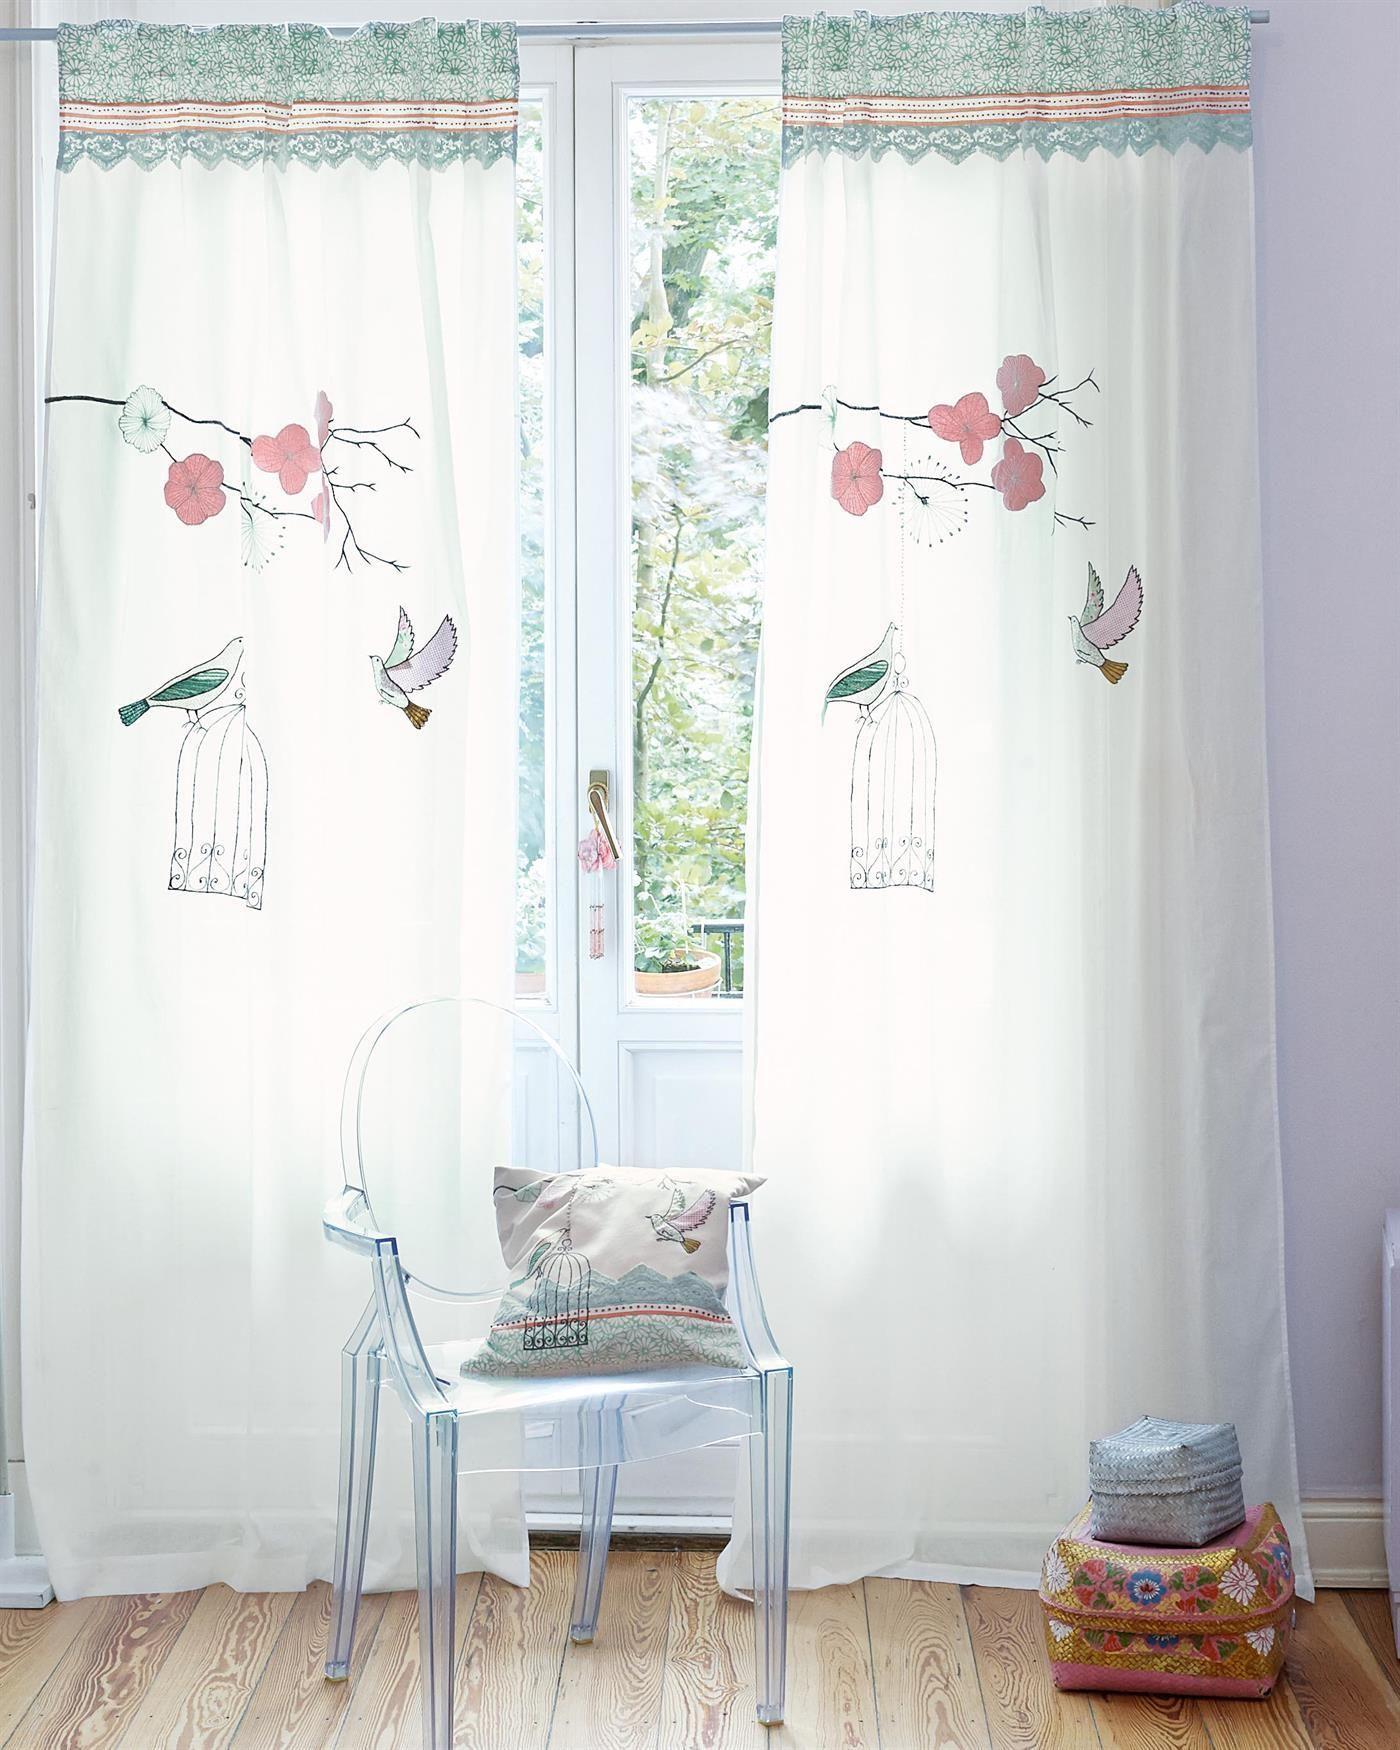 Vorhang Birdsong exclusiv für Sie auf >> Vossberg.de | Kinderzimmer ...